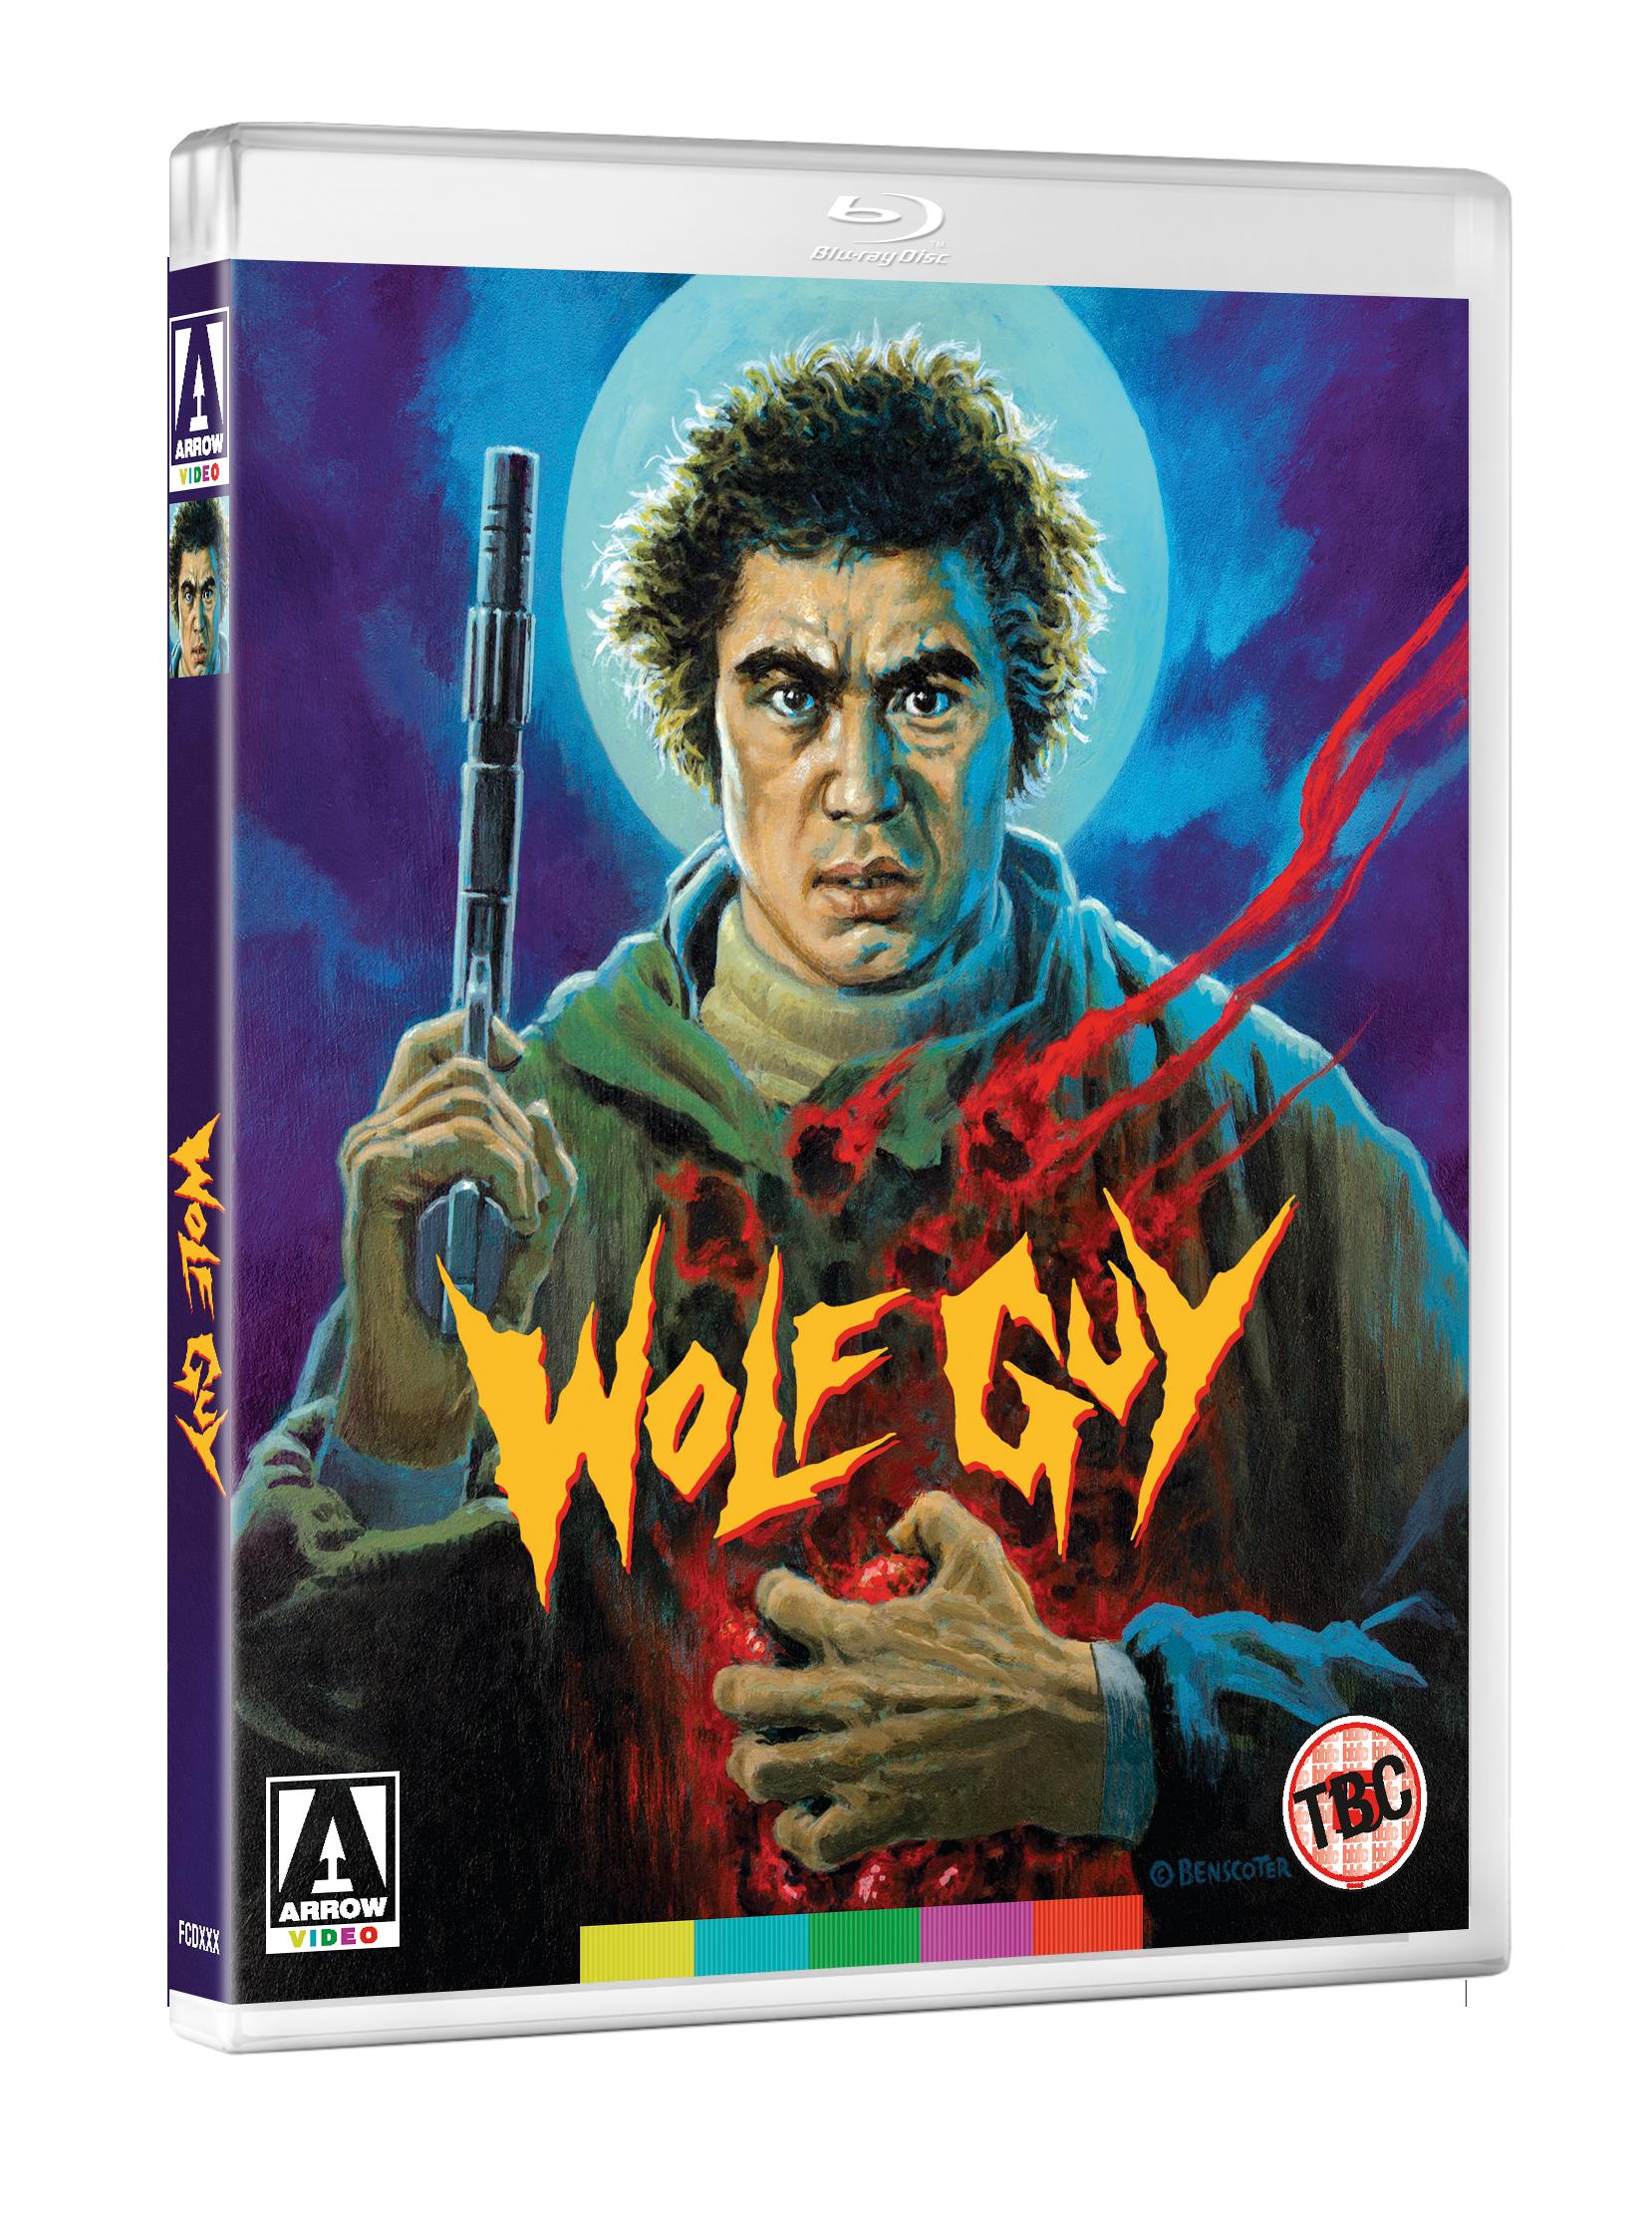 WOLFGUY UK 3D BD Arrow Video announce April 2017 releases